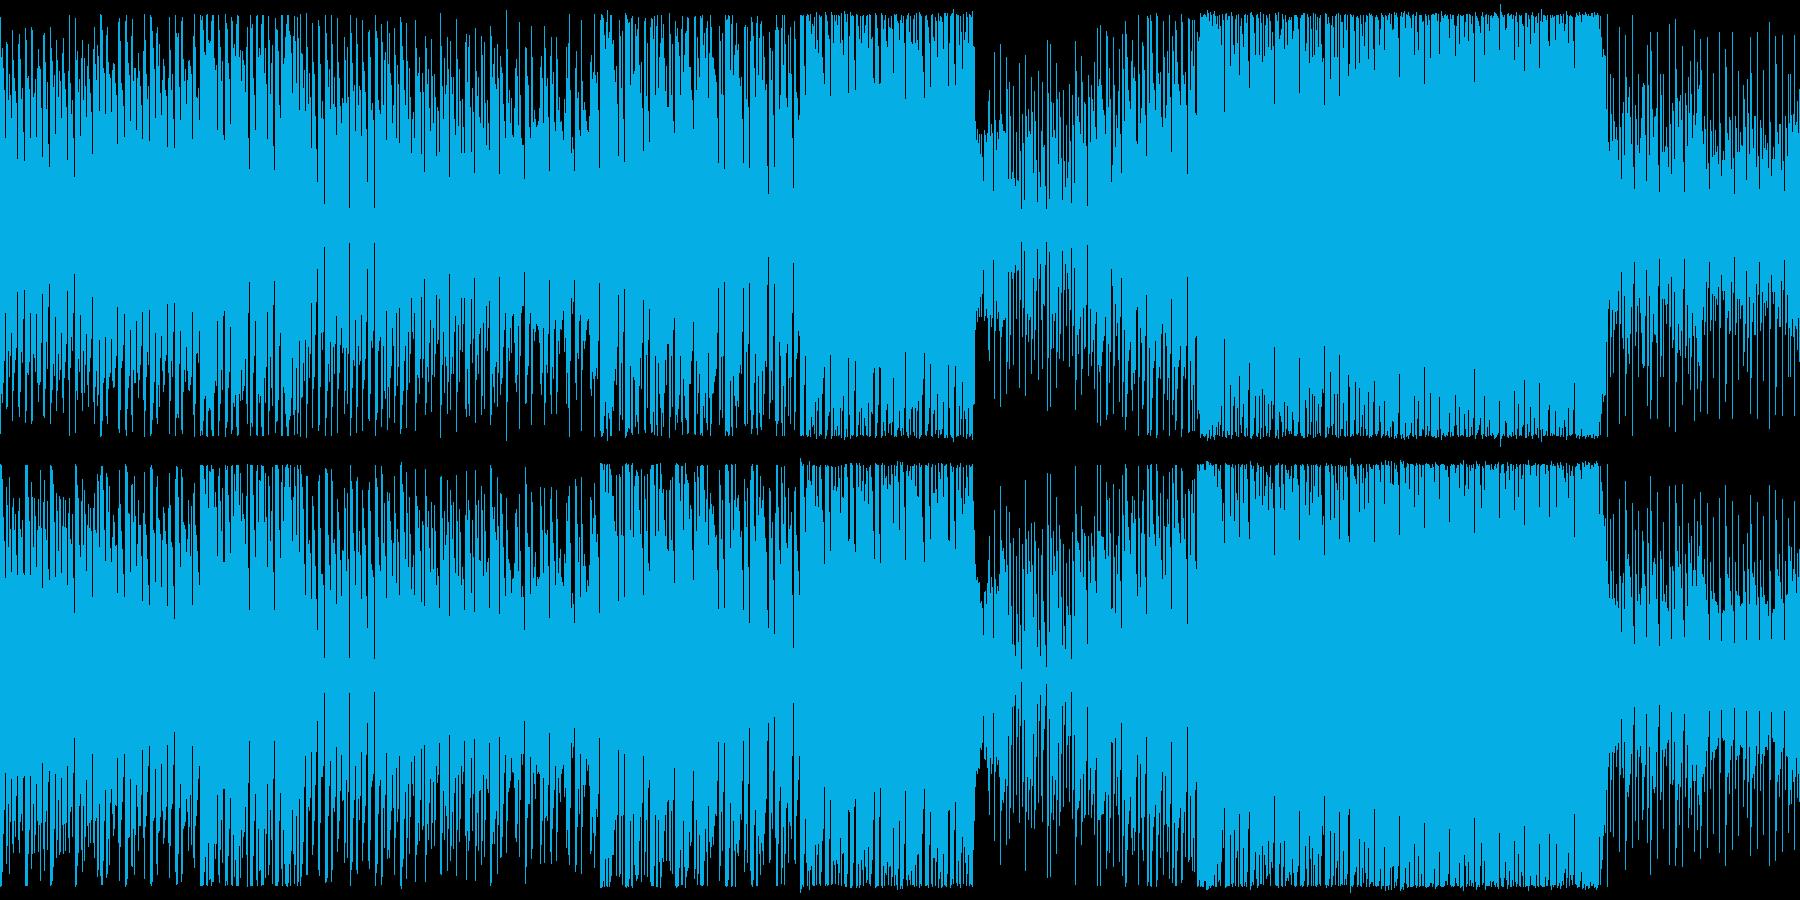 【ループ仕様】民族っぽい感じのバトル曲の再生済みの波形